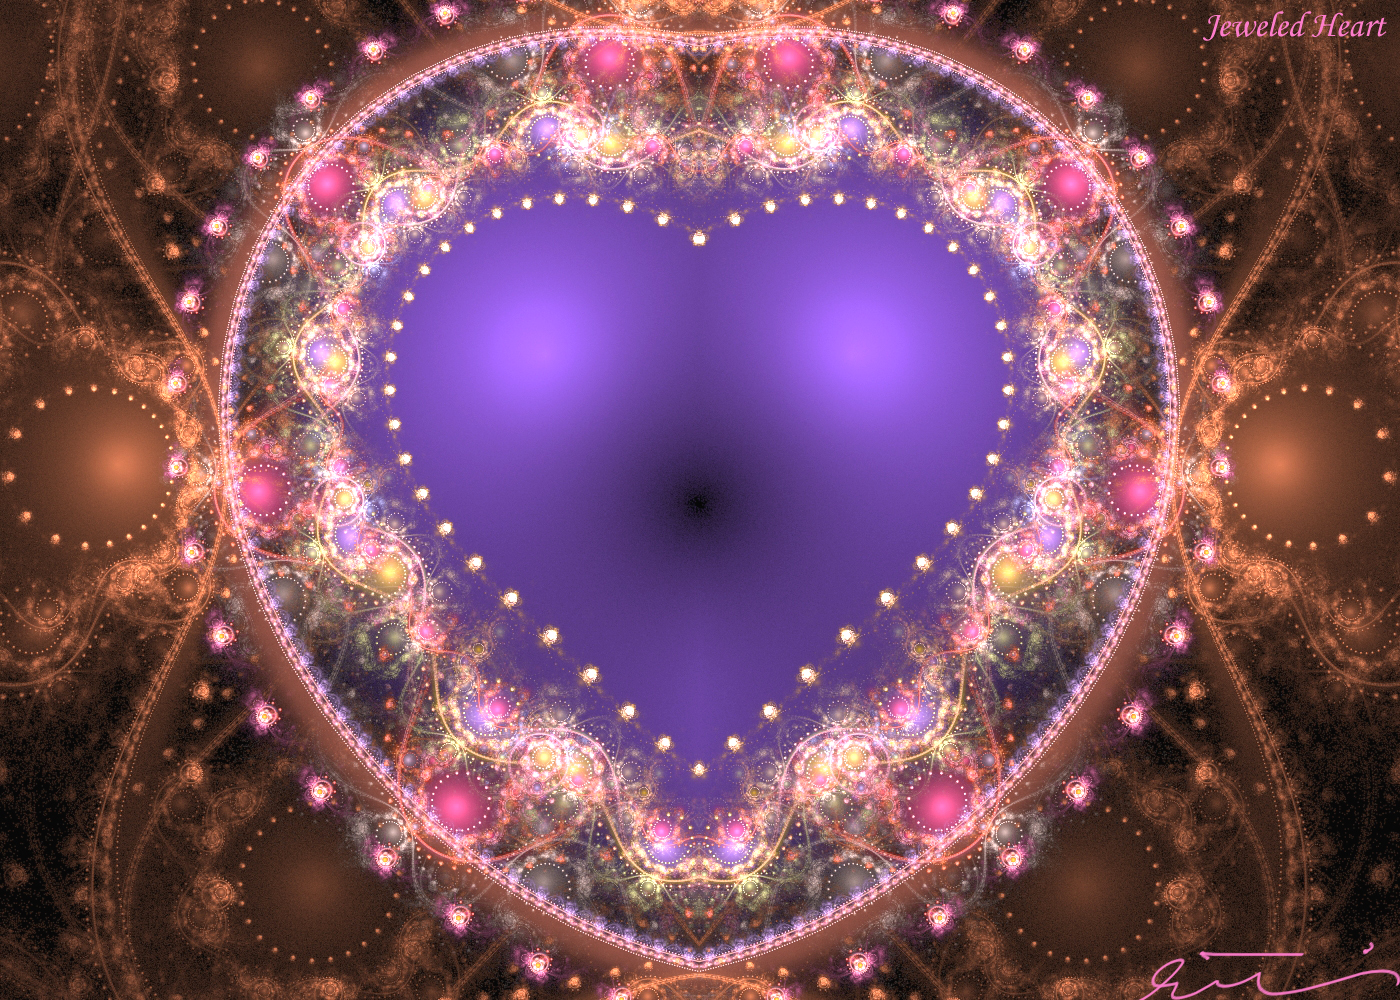 Jeweled Heart